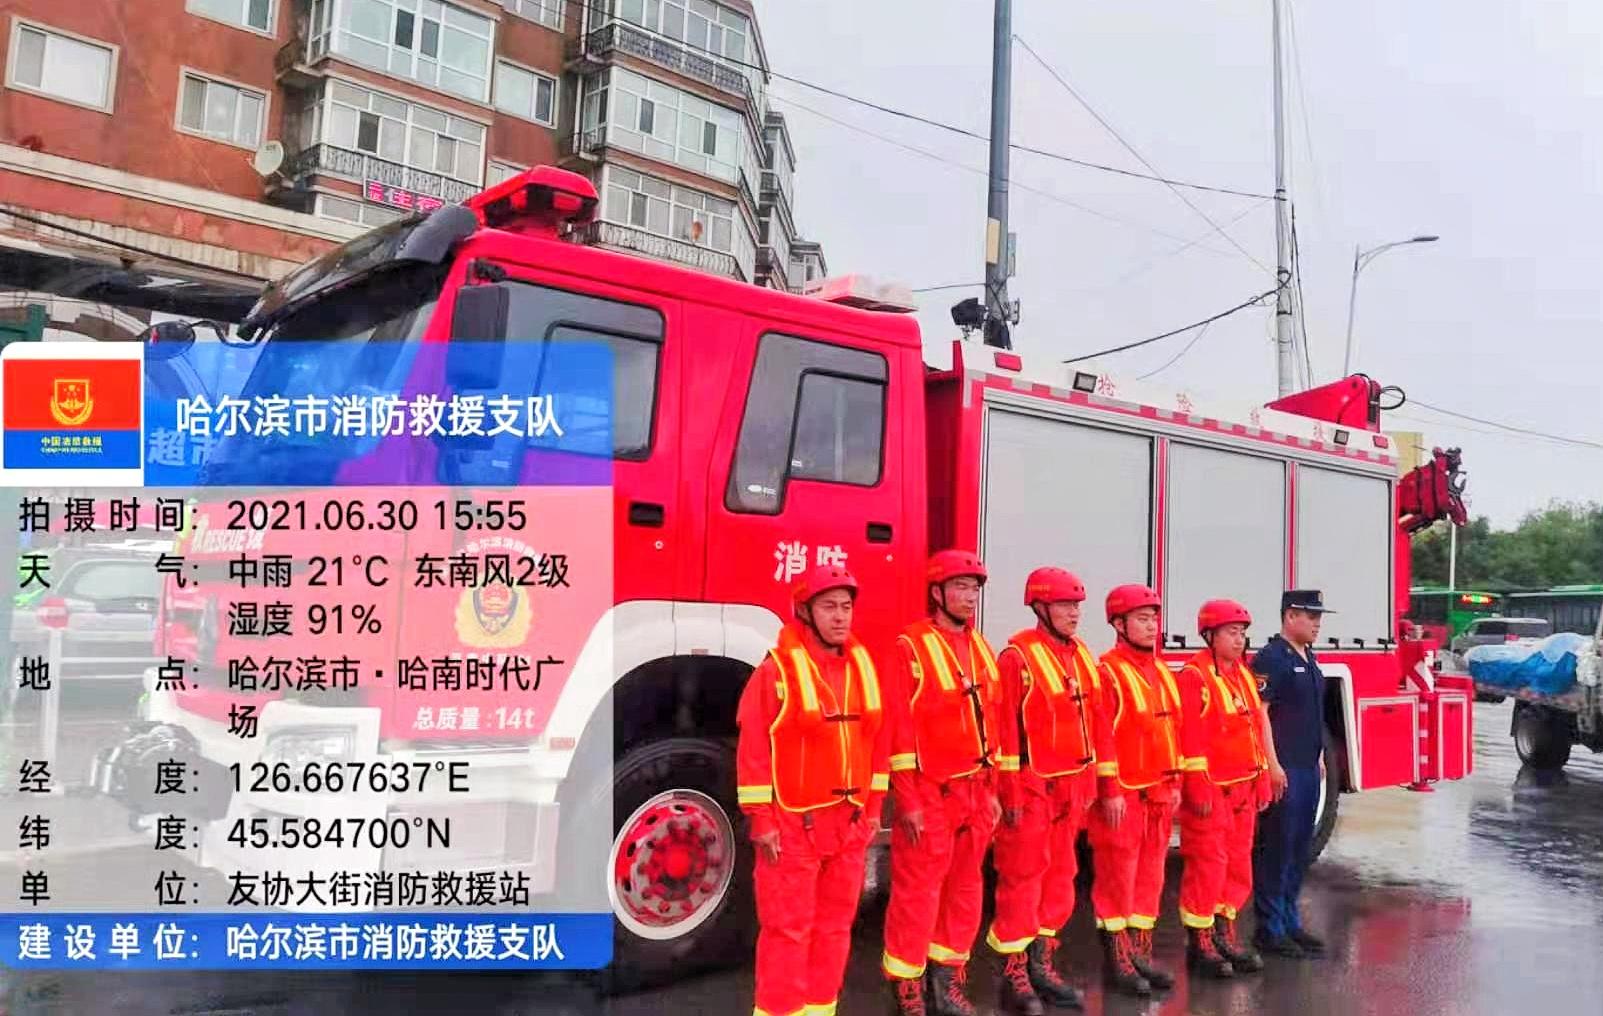 友协大街消防救助站就位